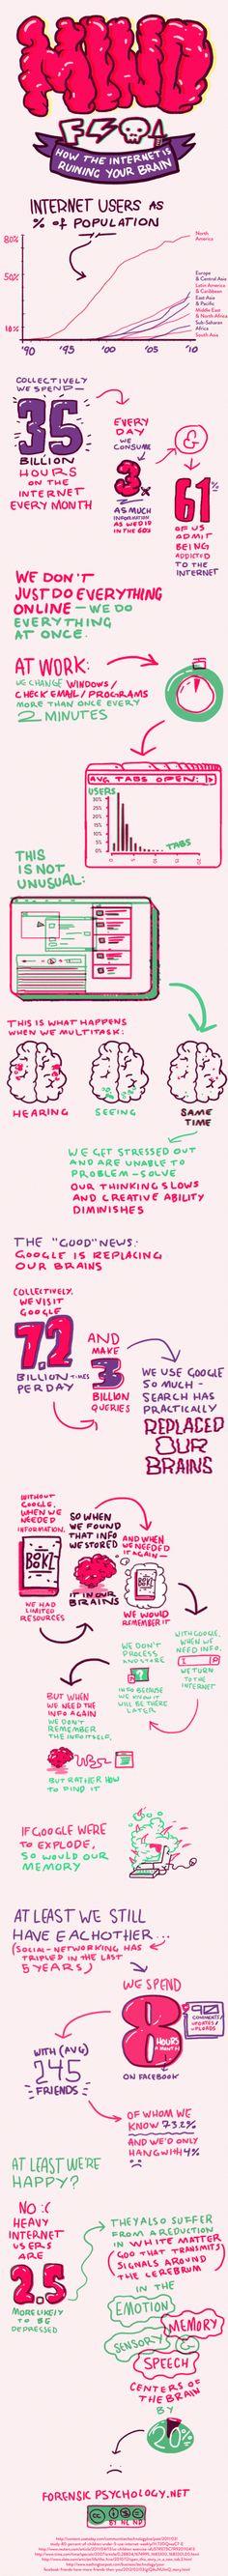 How the internet is ruining your brain | Lees onze artikelen op http://vonbrink.nl/nieuws